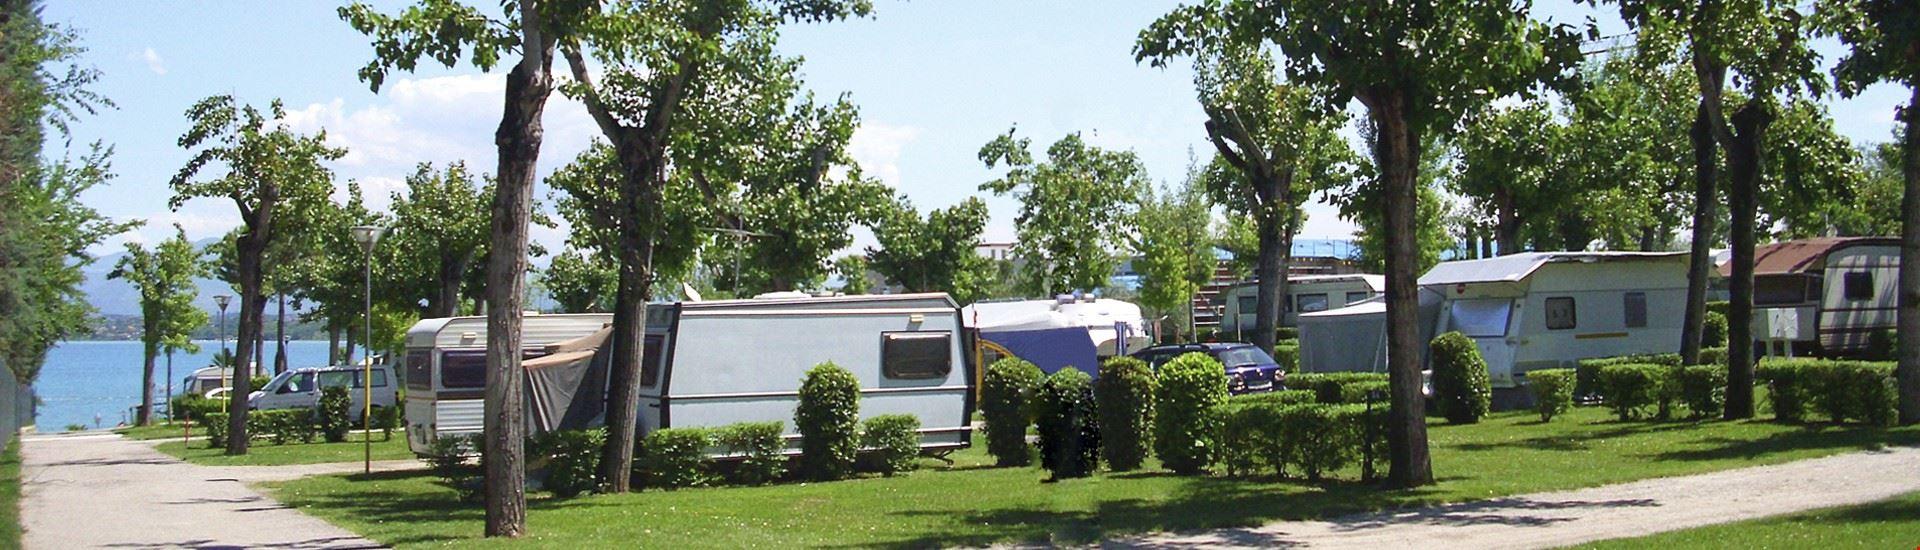 Camping Village a Peschiera del Garda